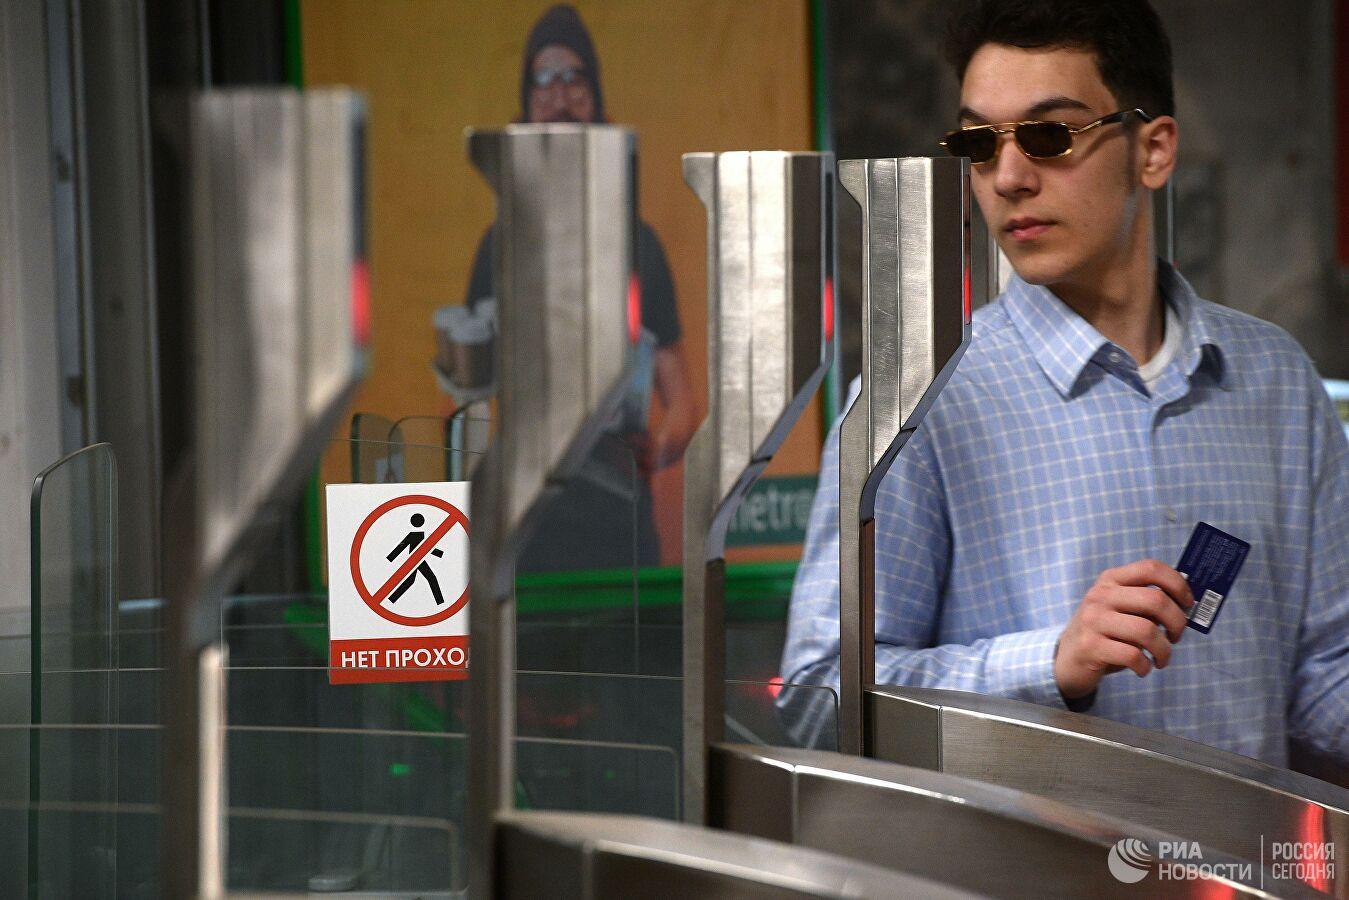 Вскоре оплата проезда в московском метро будет осуществляться по лицу.